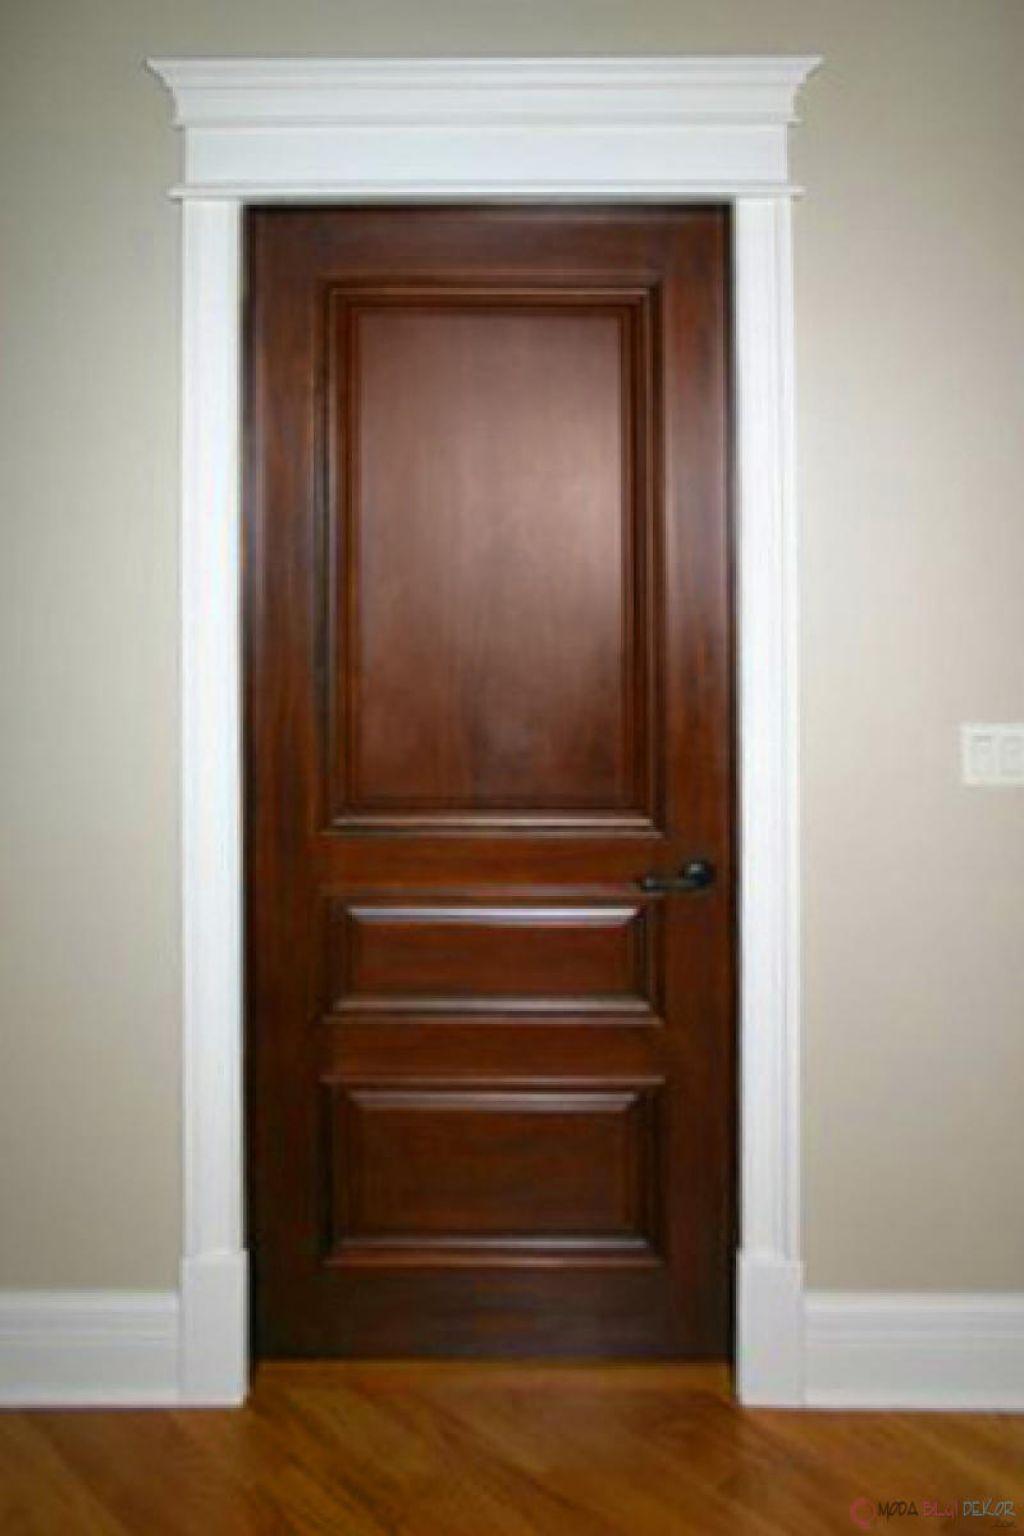 Buying Tips For Solid Wood Doors Wood Doors White Trim Stained Doors White Trim Solid Wood Interior Door